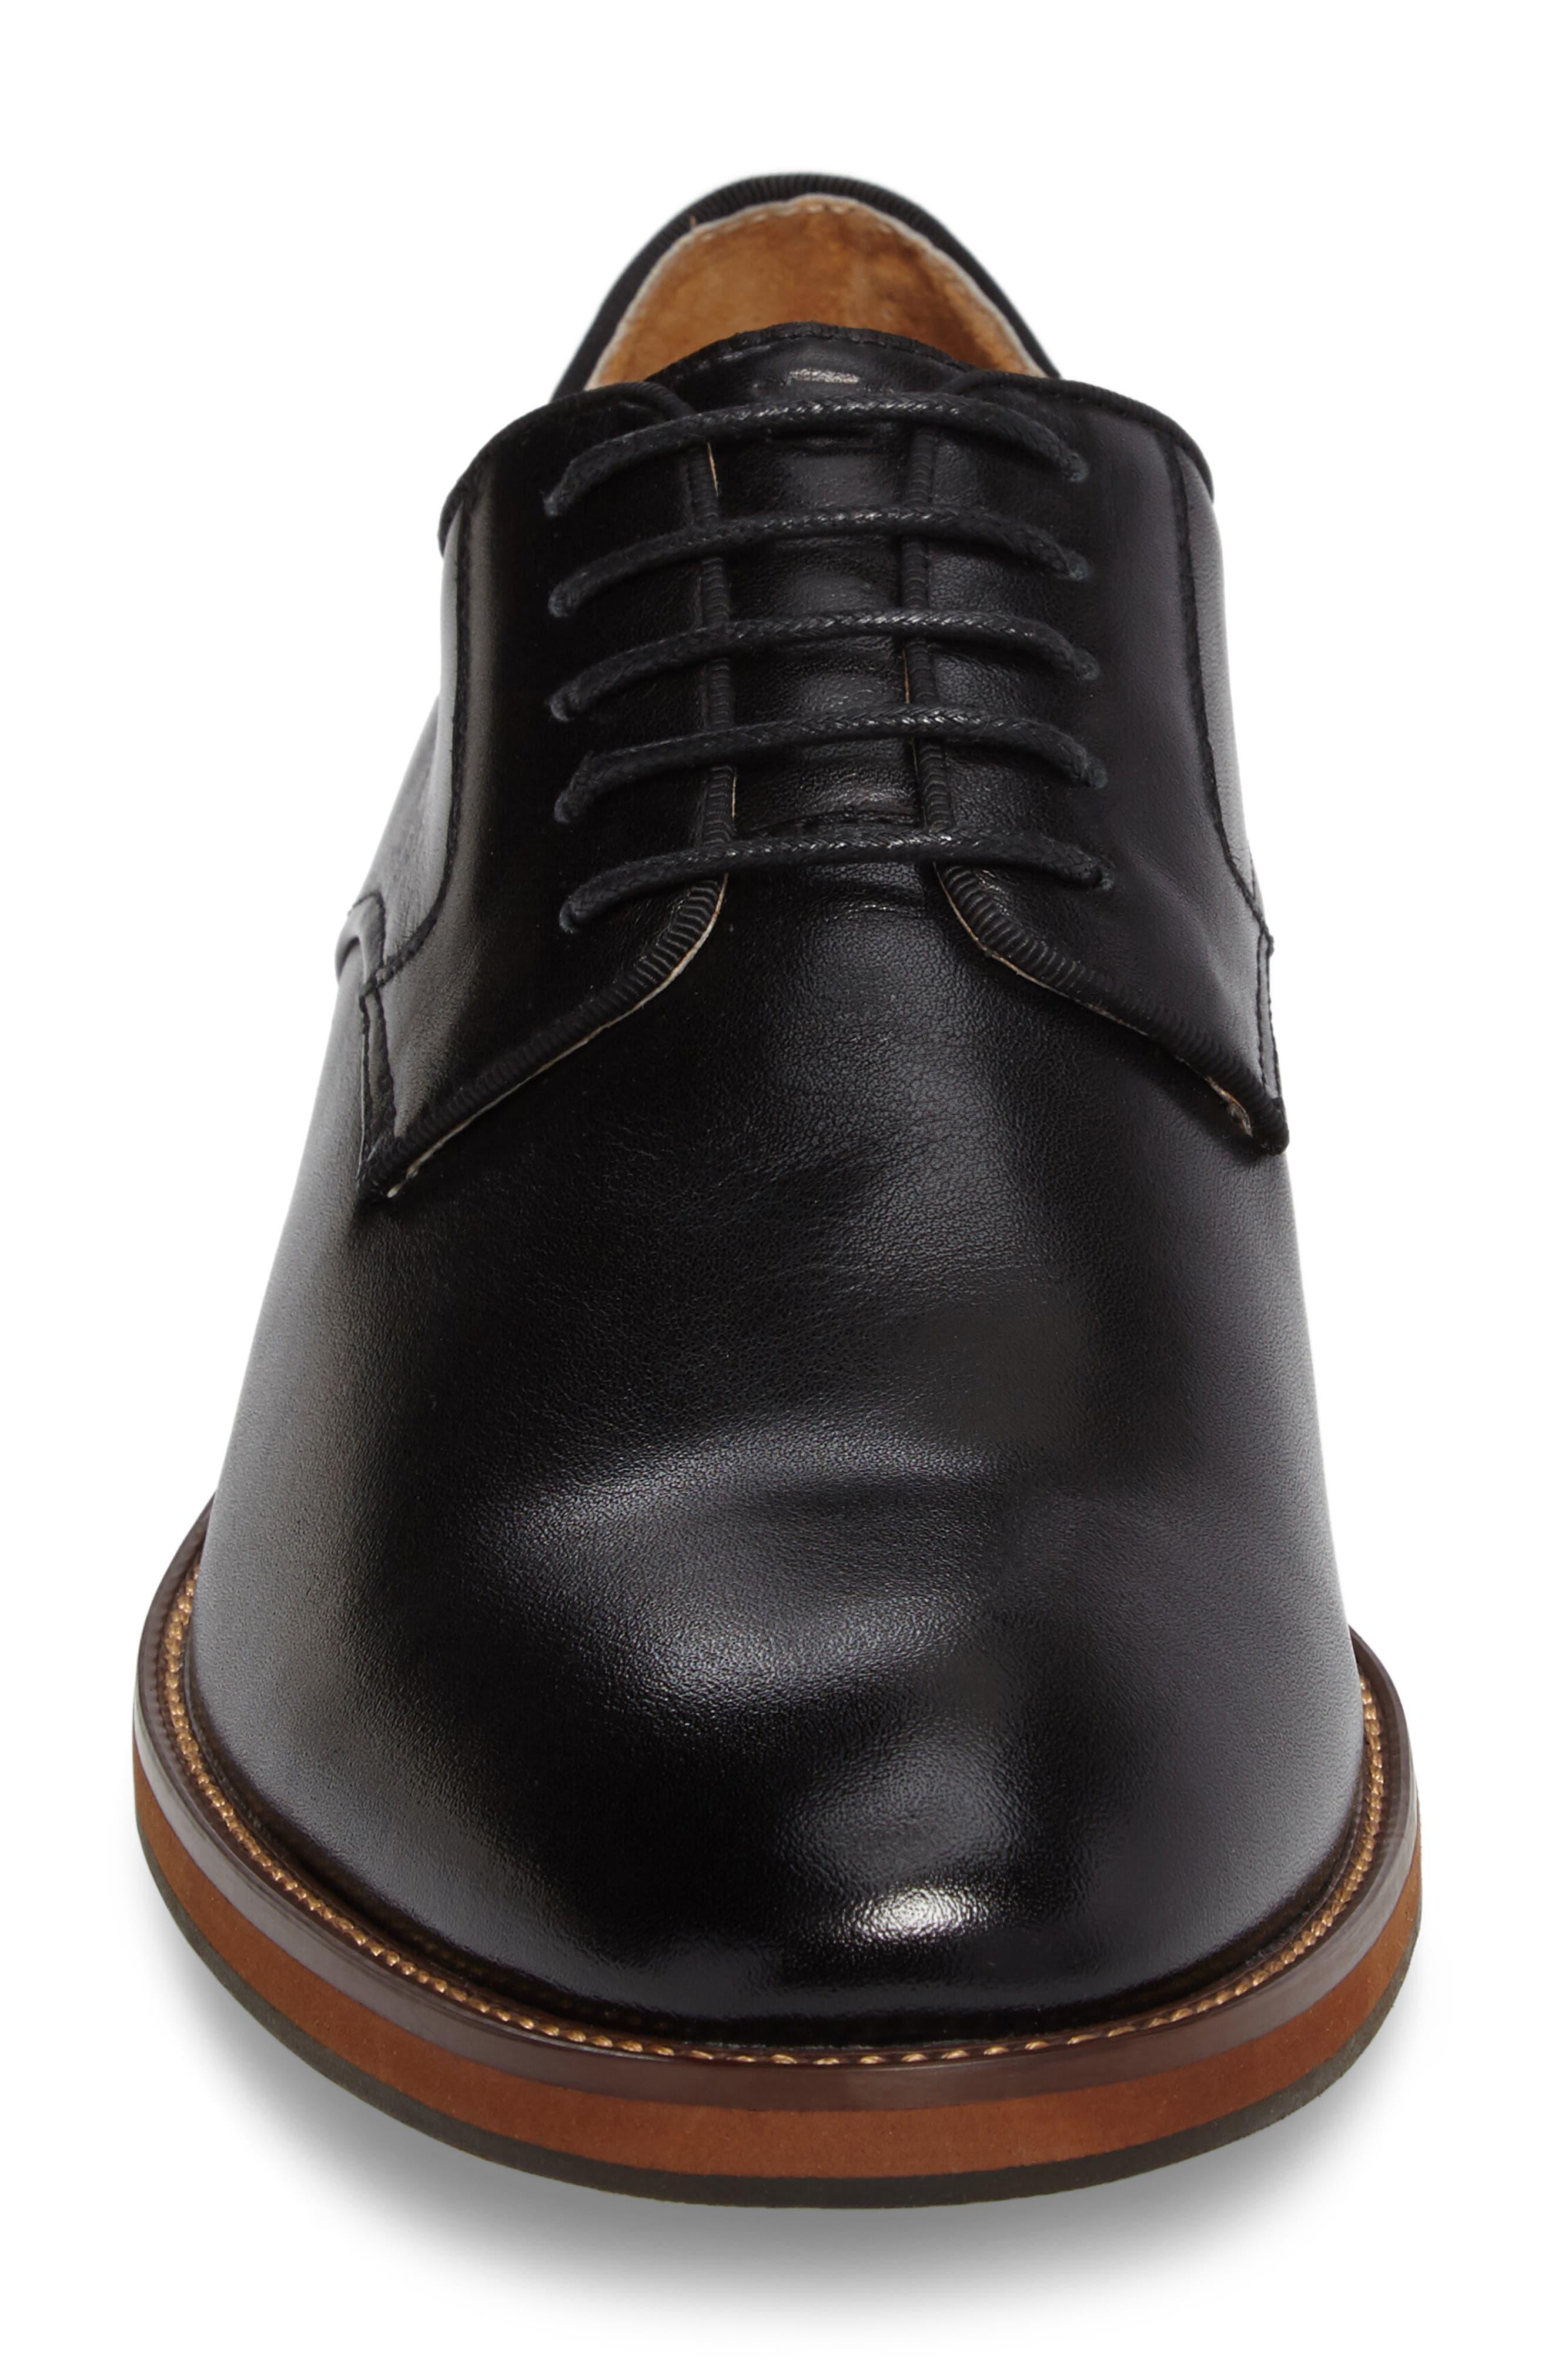 FLORSHEIM, Blaze Plain Toe Derby, Alternate thumbnail 4, color, BLACK LEATHER